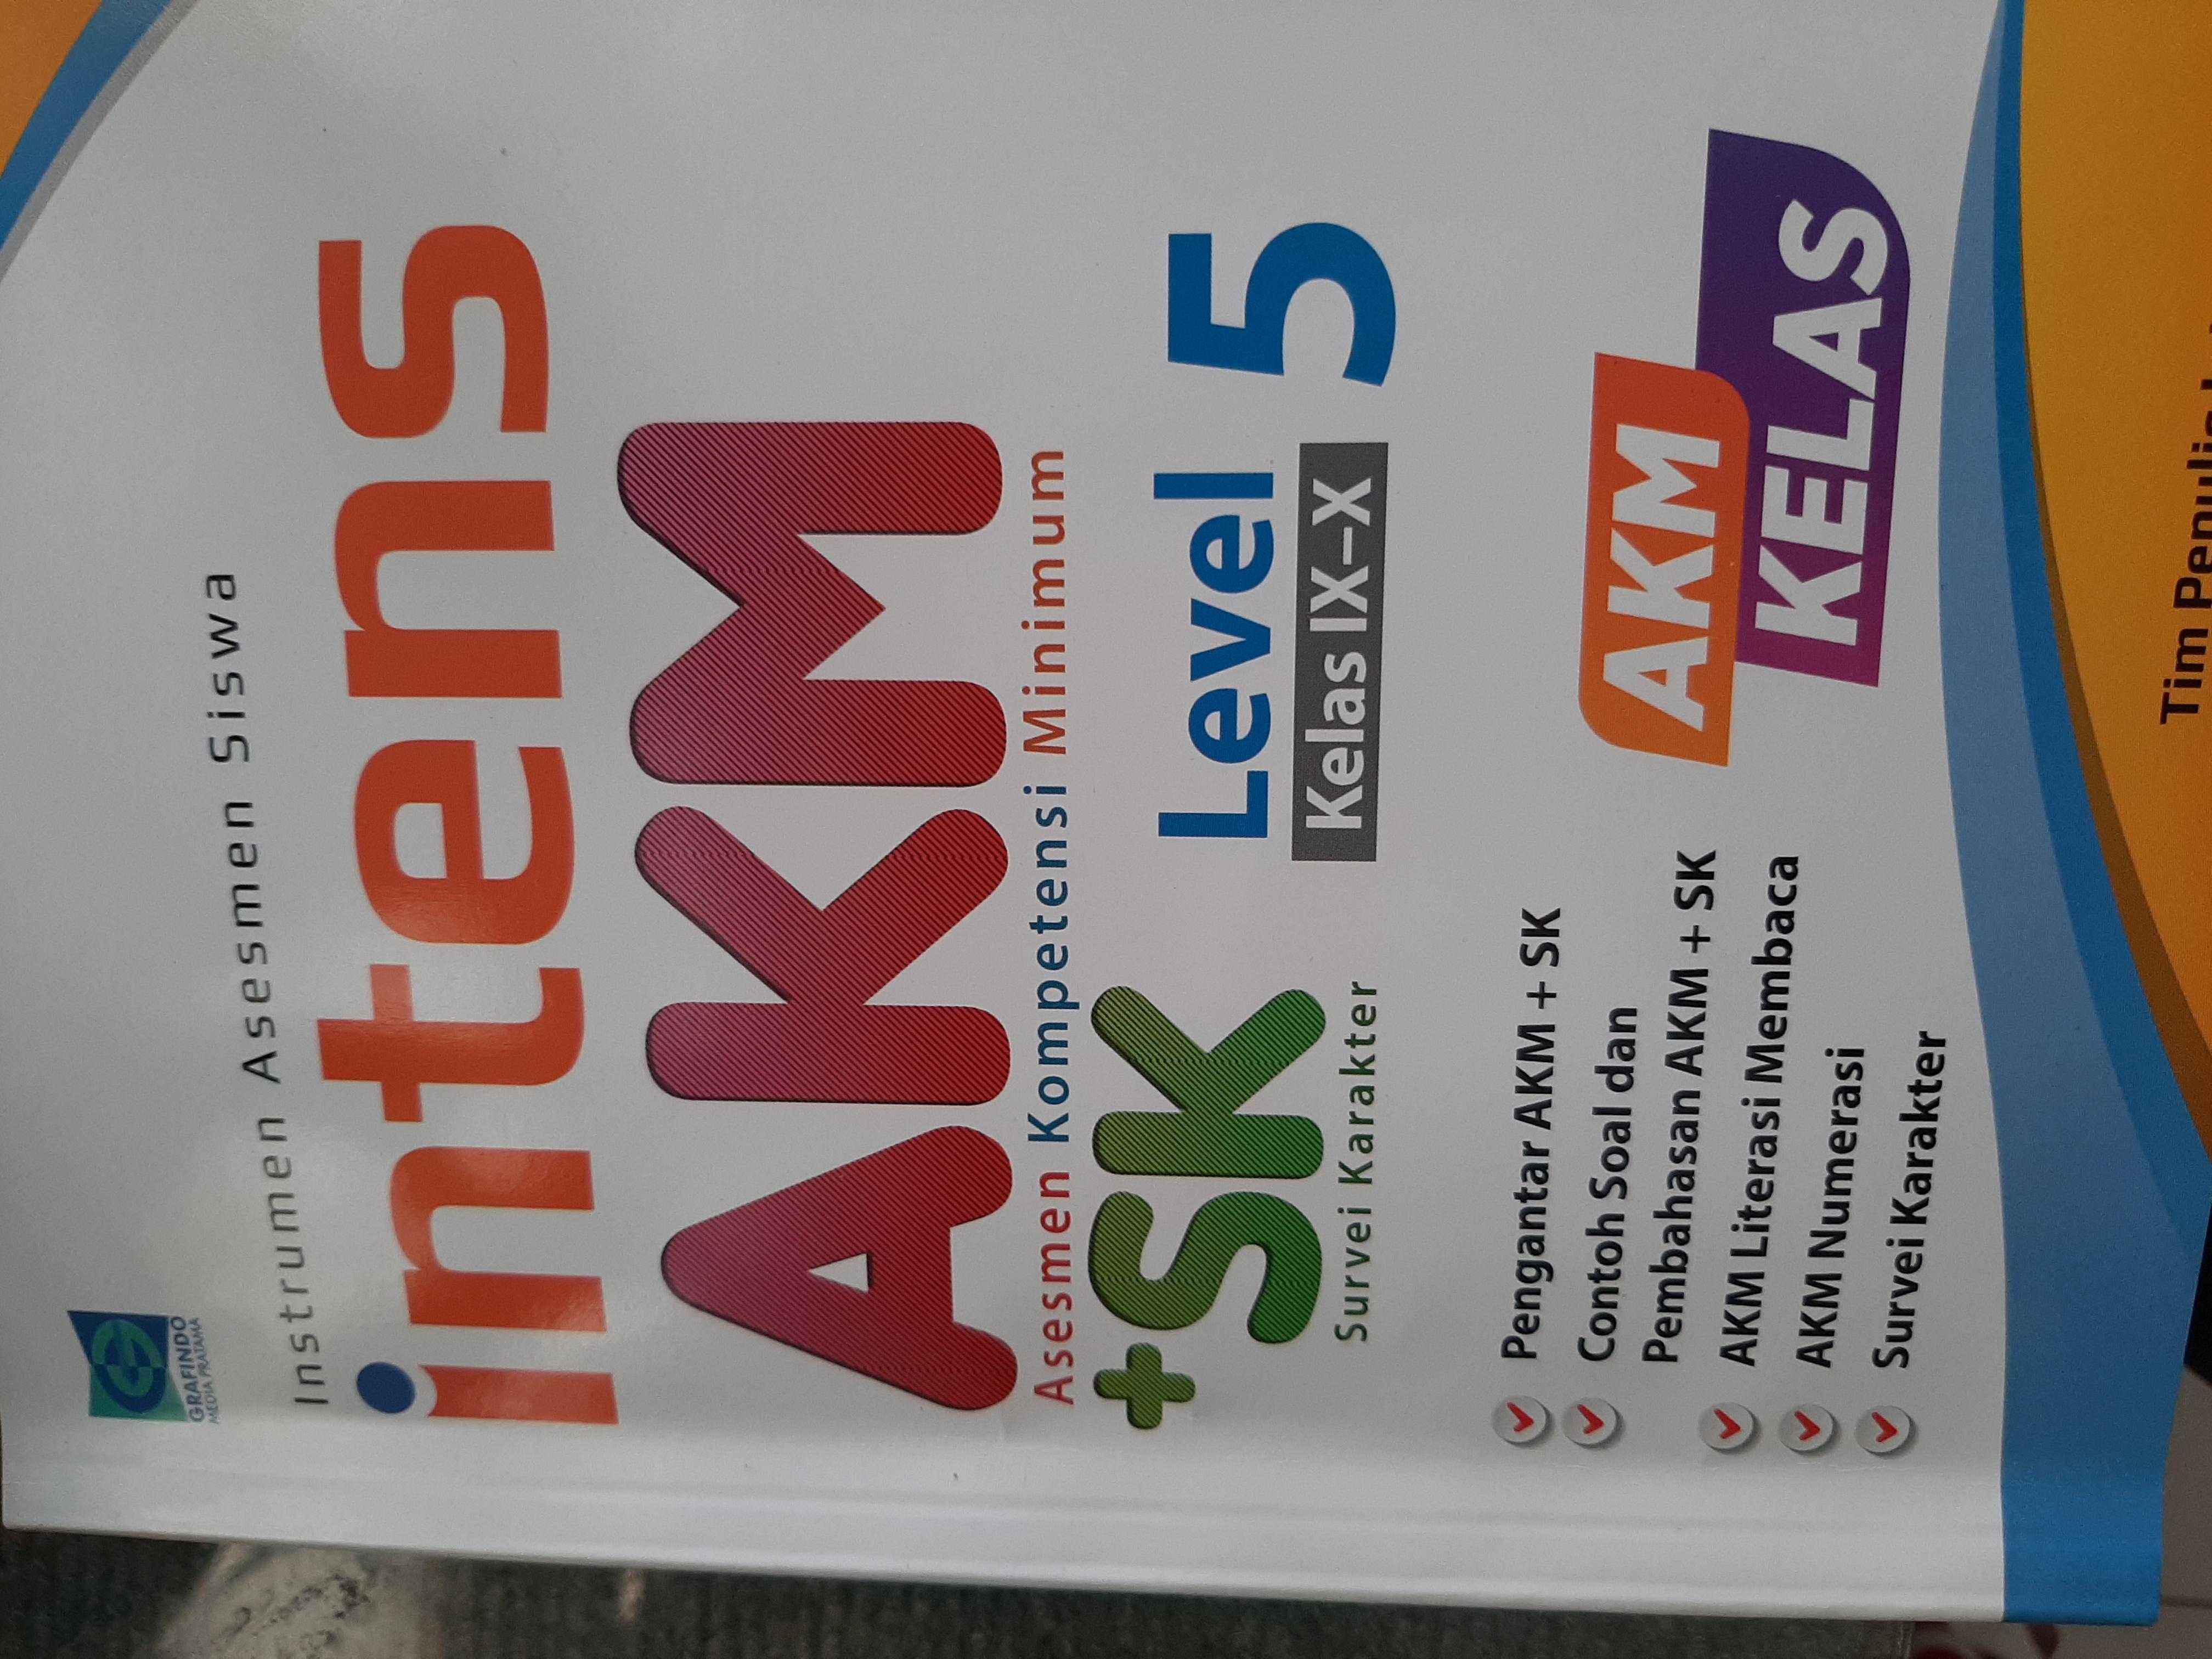 Instrumen Asesmen Siswa Intens AKM + SK Survei Karakter Level 5 Kelas IX-X AKMKelas